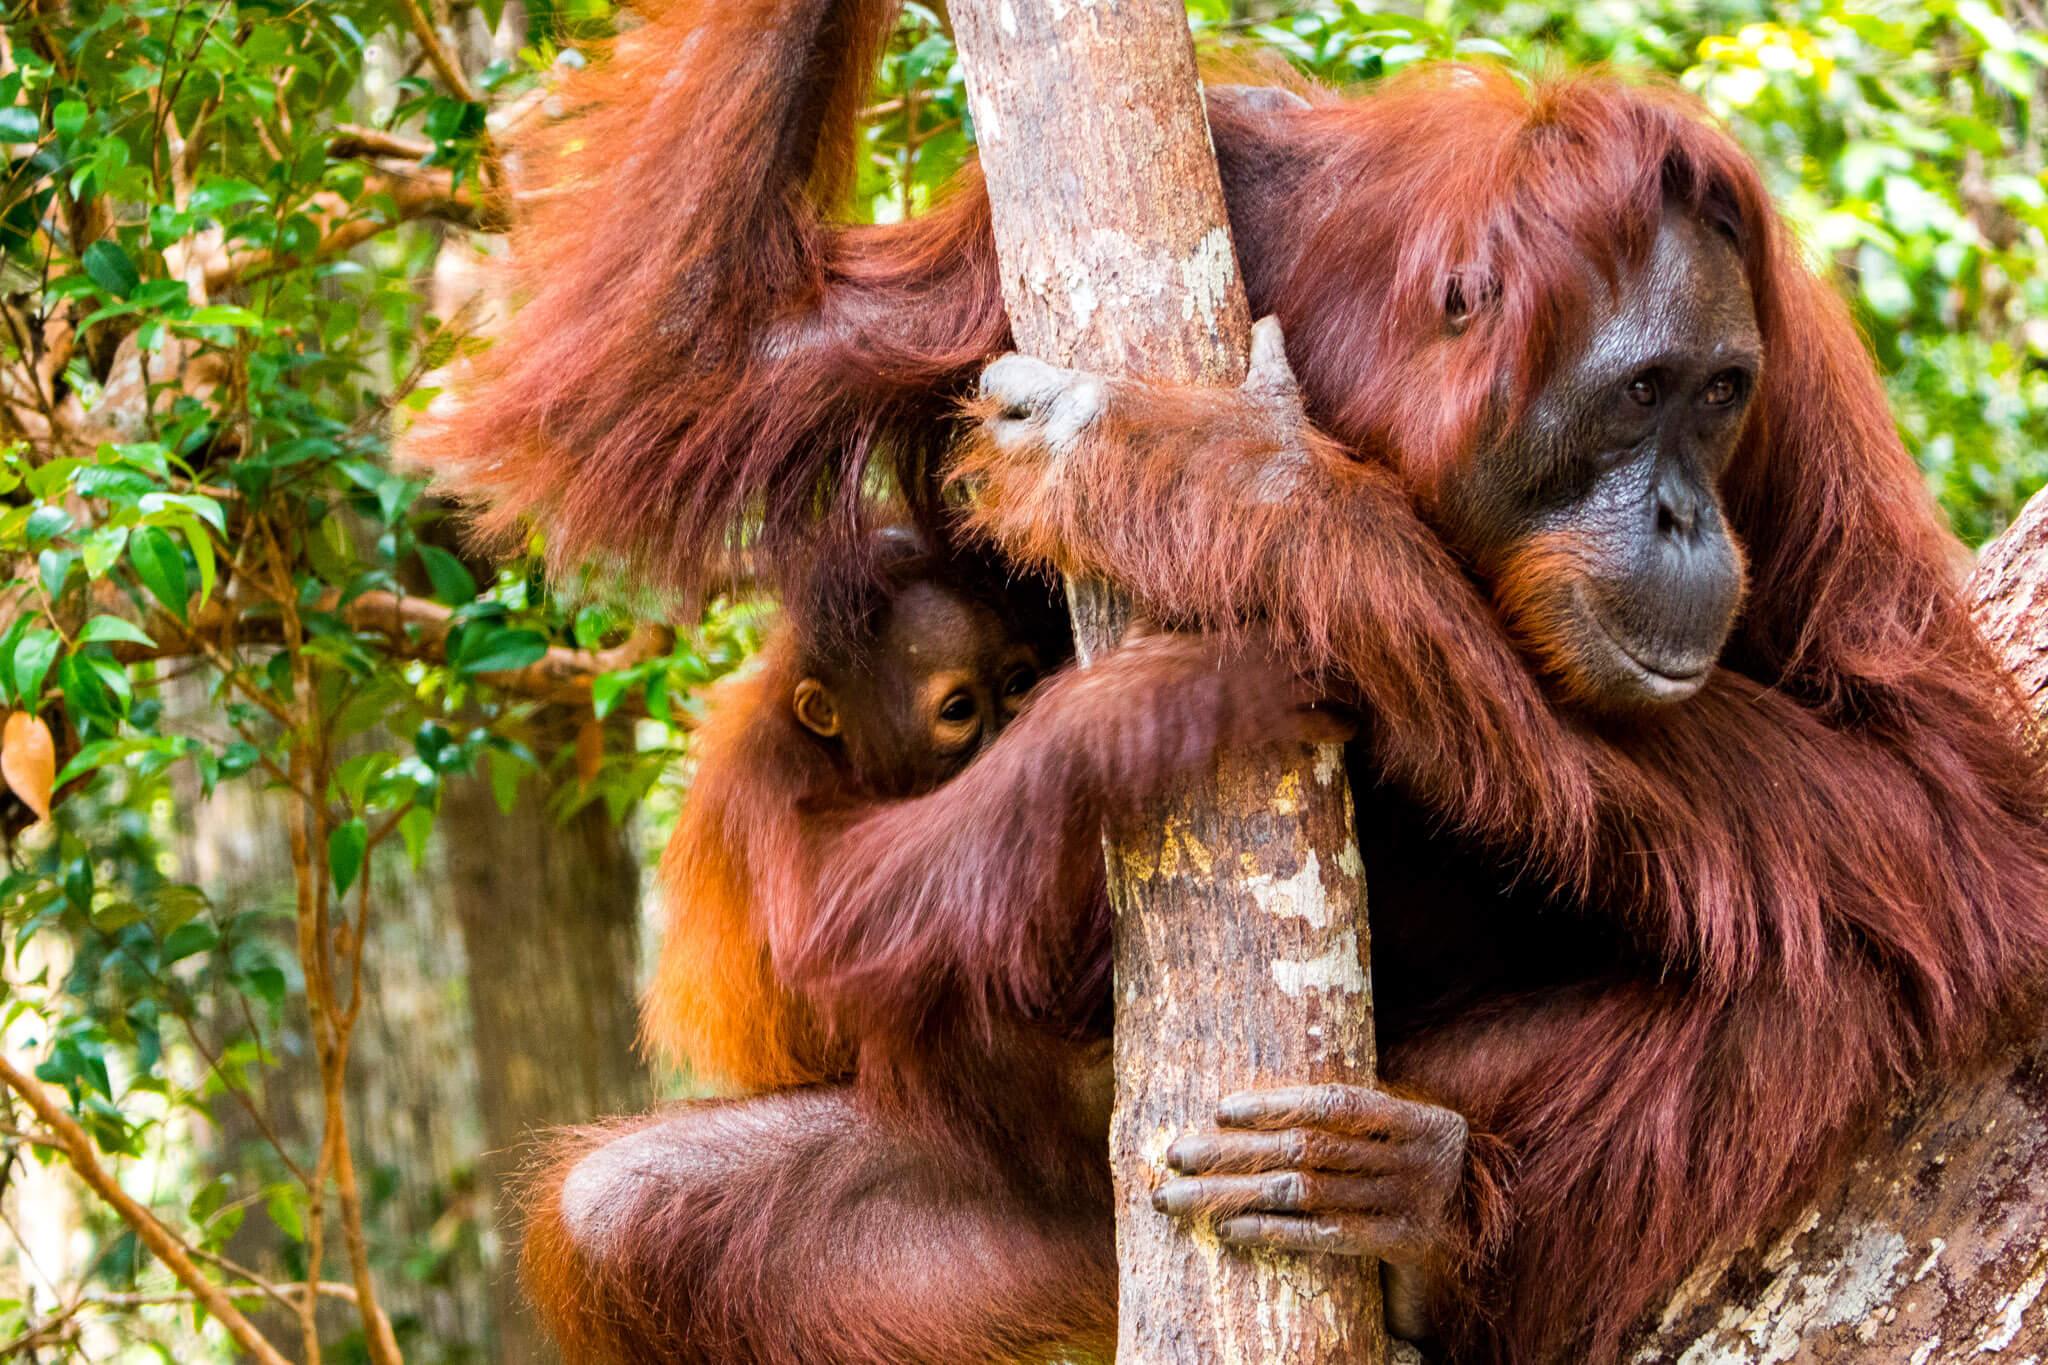 46727 При помощи сигналов орангутанов ученые показали, как мог развиваться человеческий язык